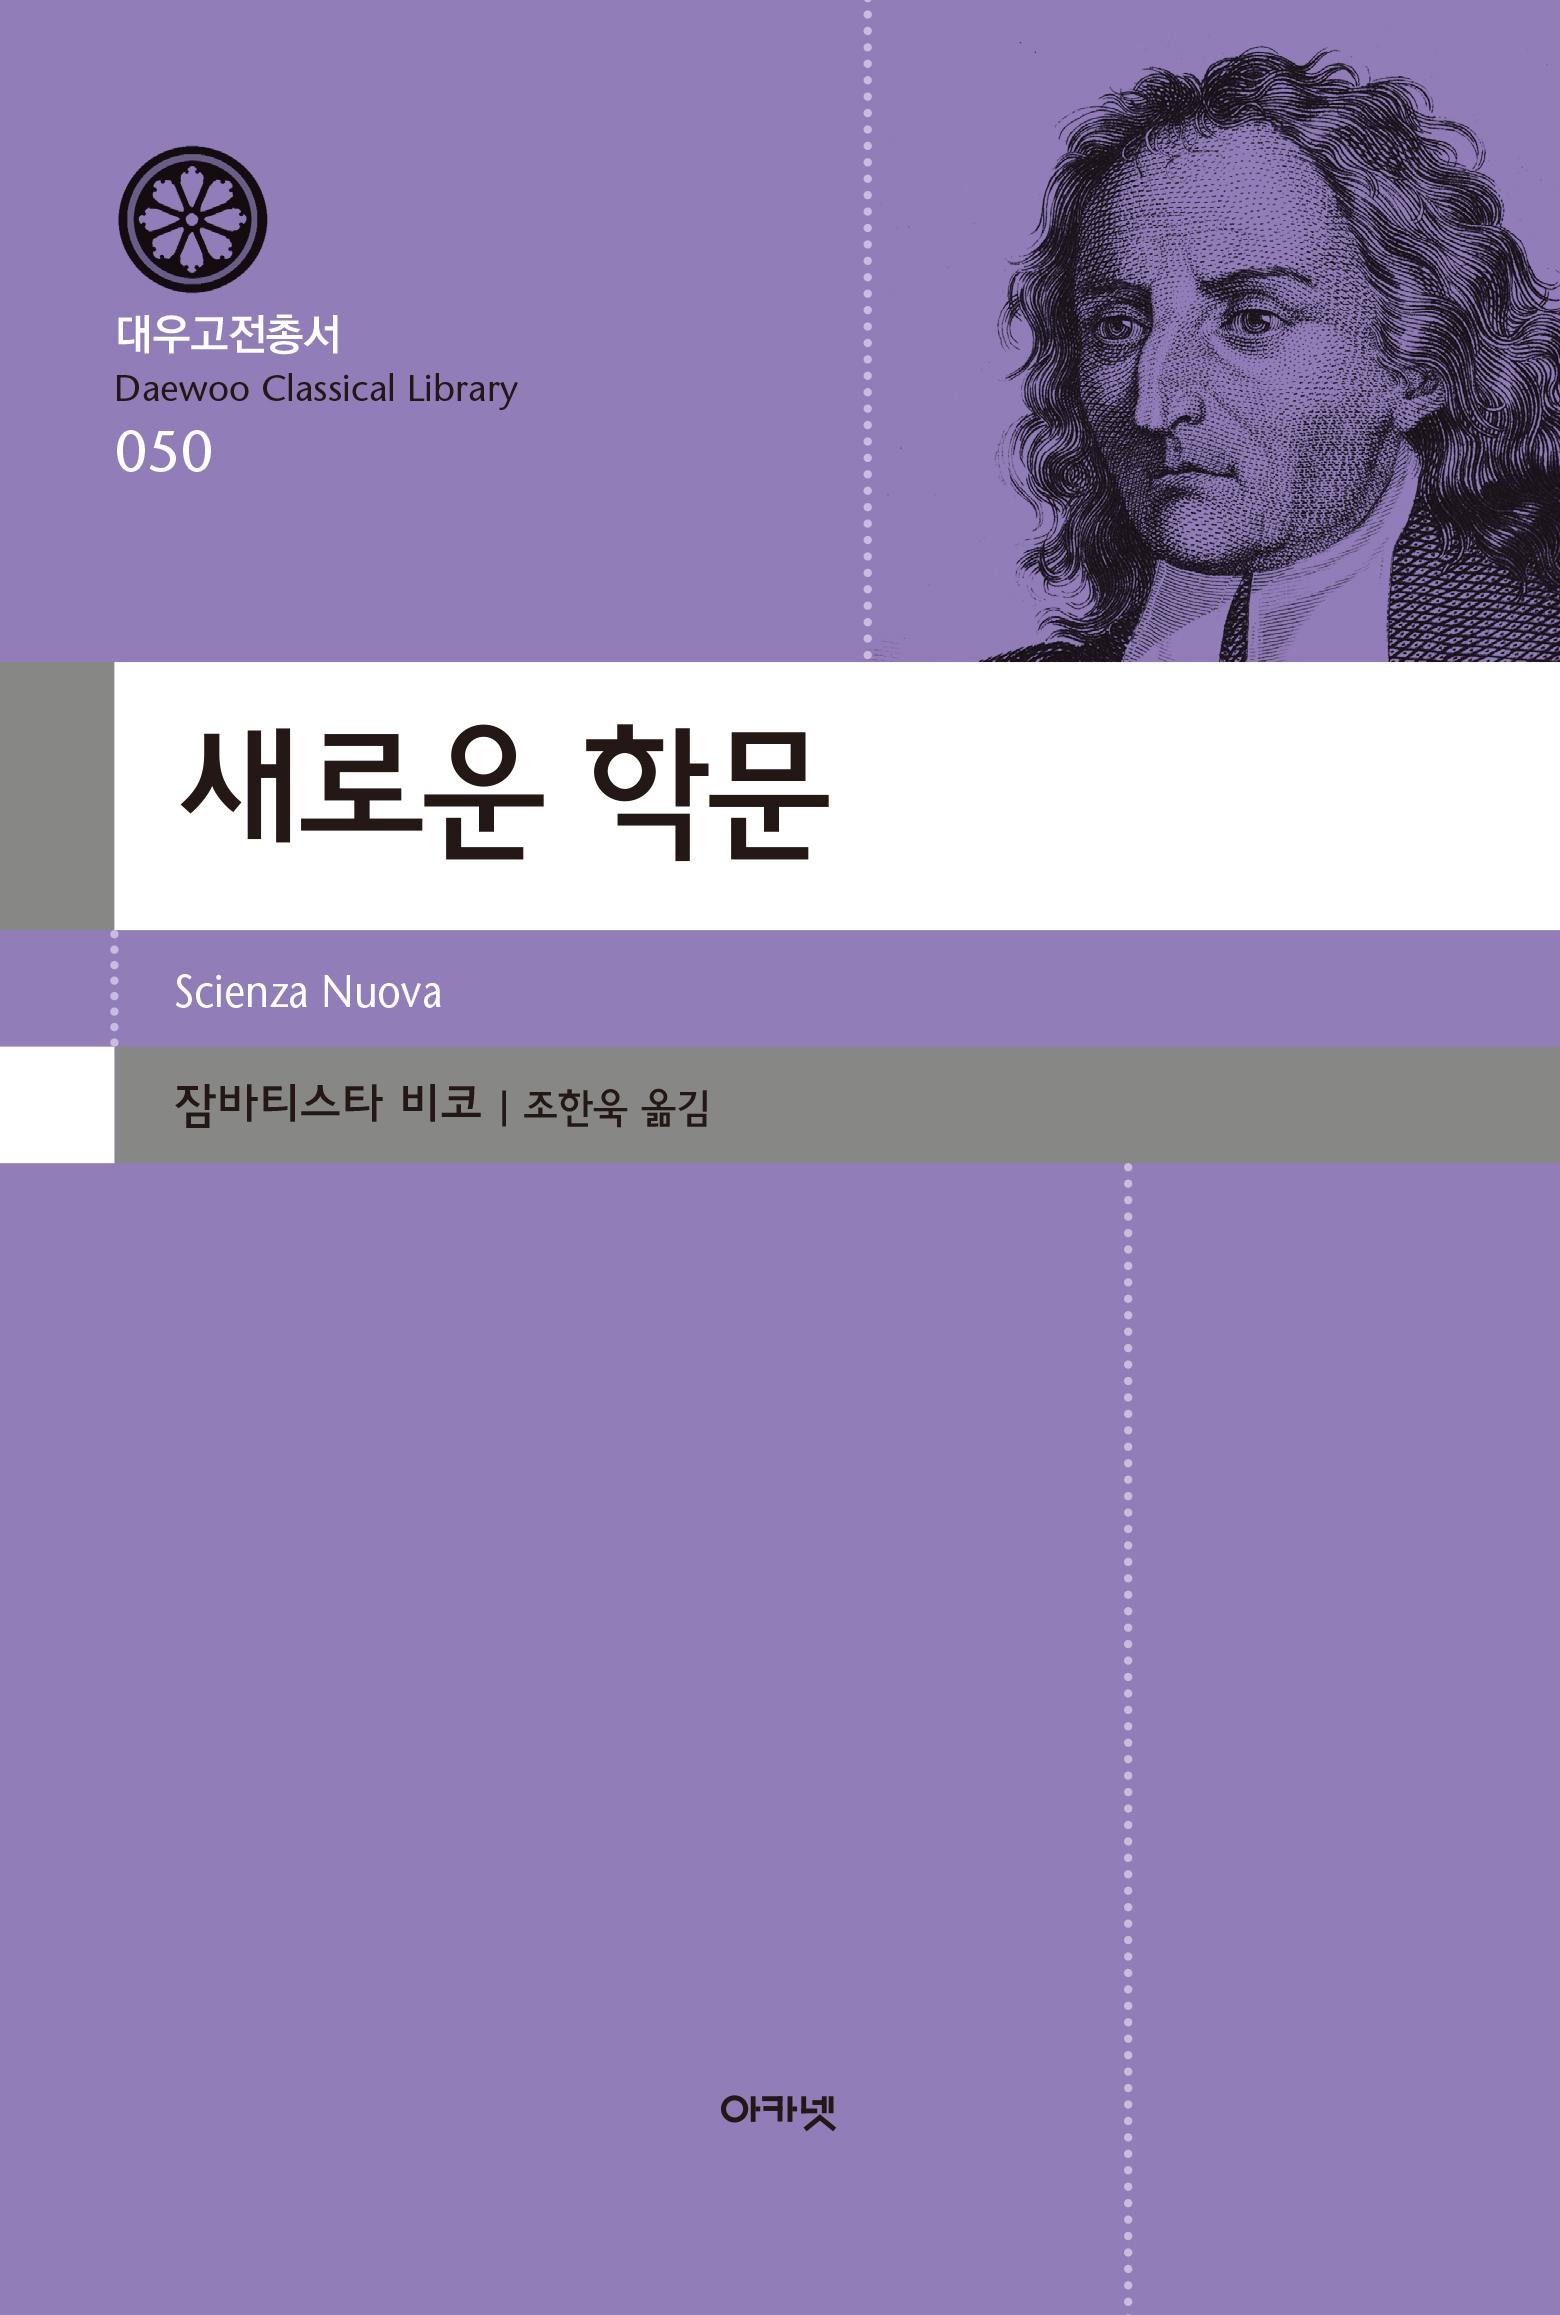 대우재단 고전총서 제50권 새로운 학문 written by 조한욱 and published by 아카넷 in 2019